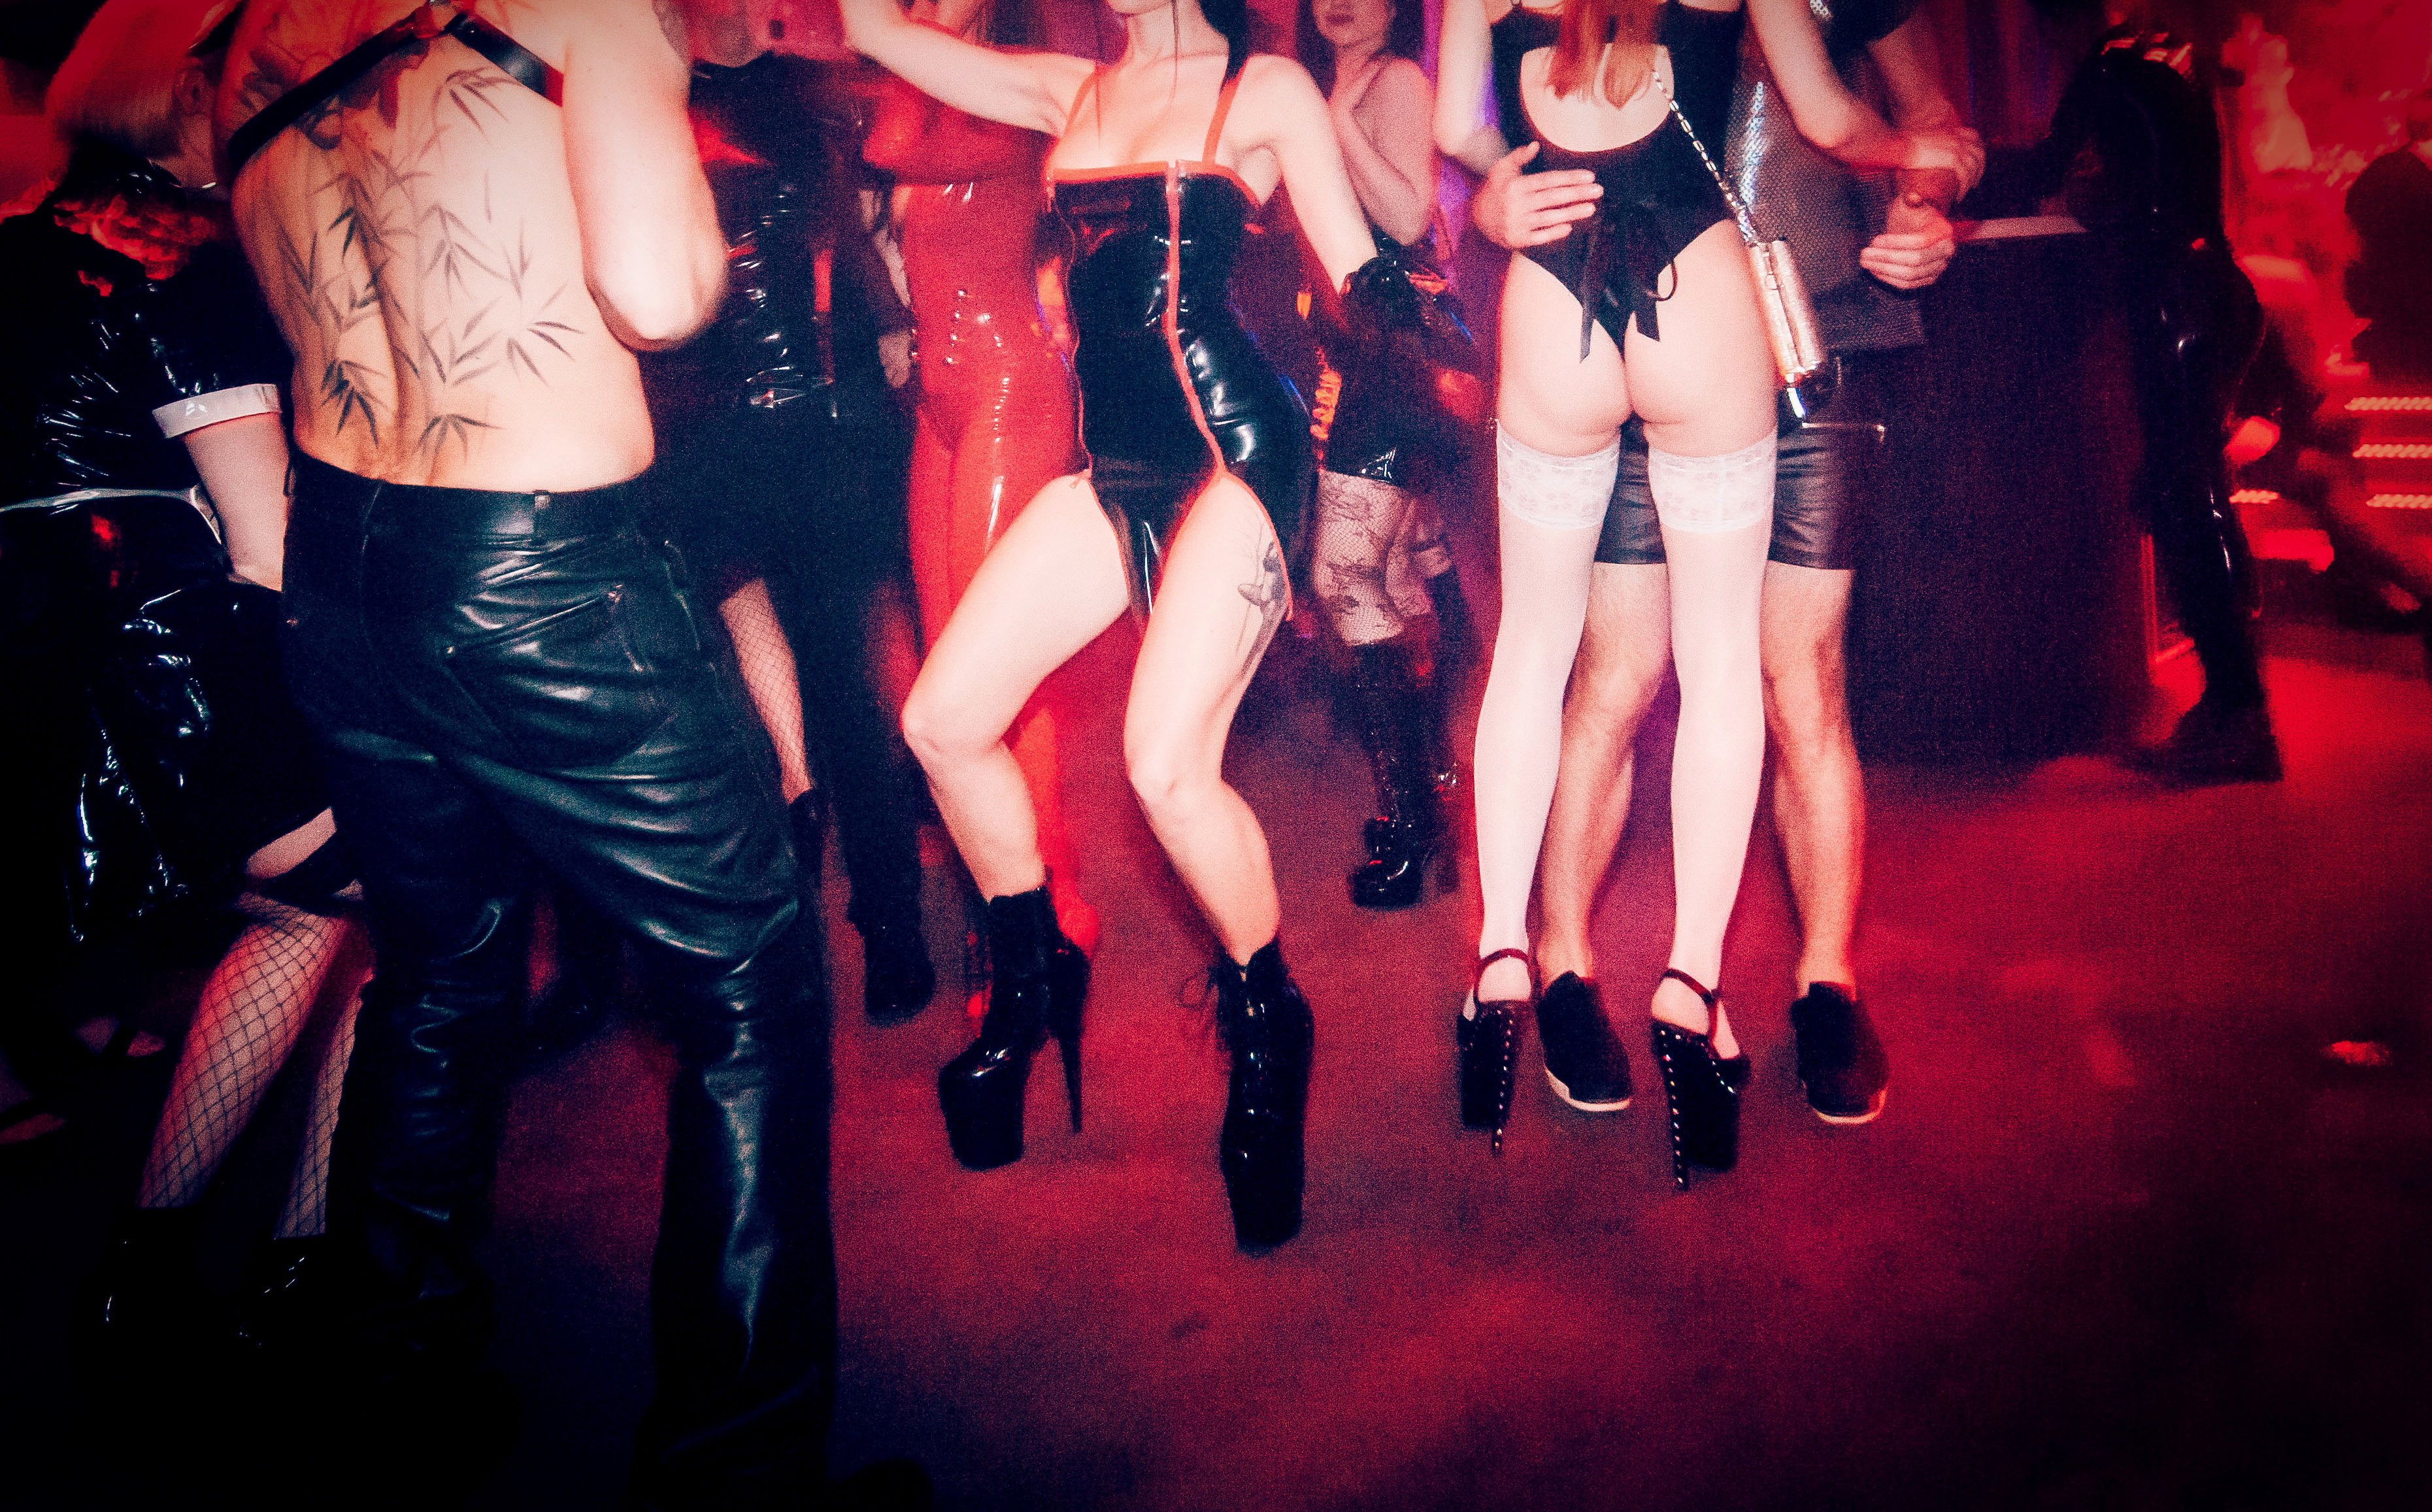 Impreza klubowa orgia